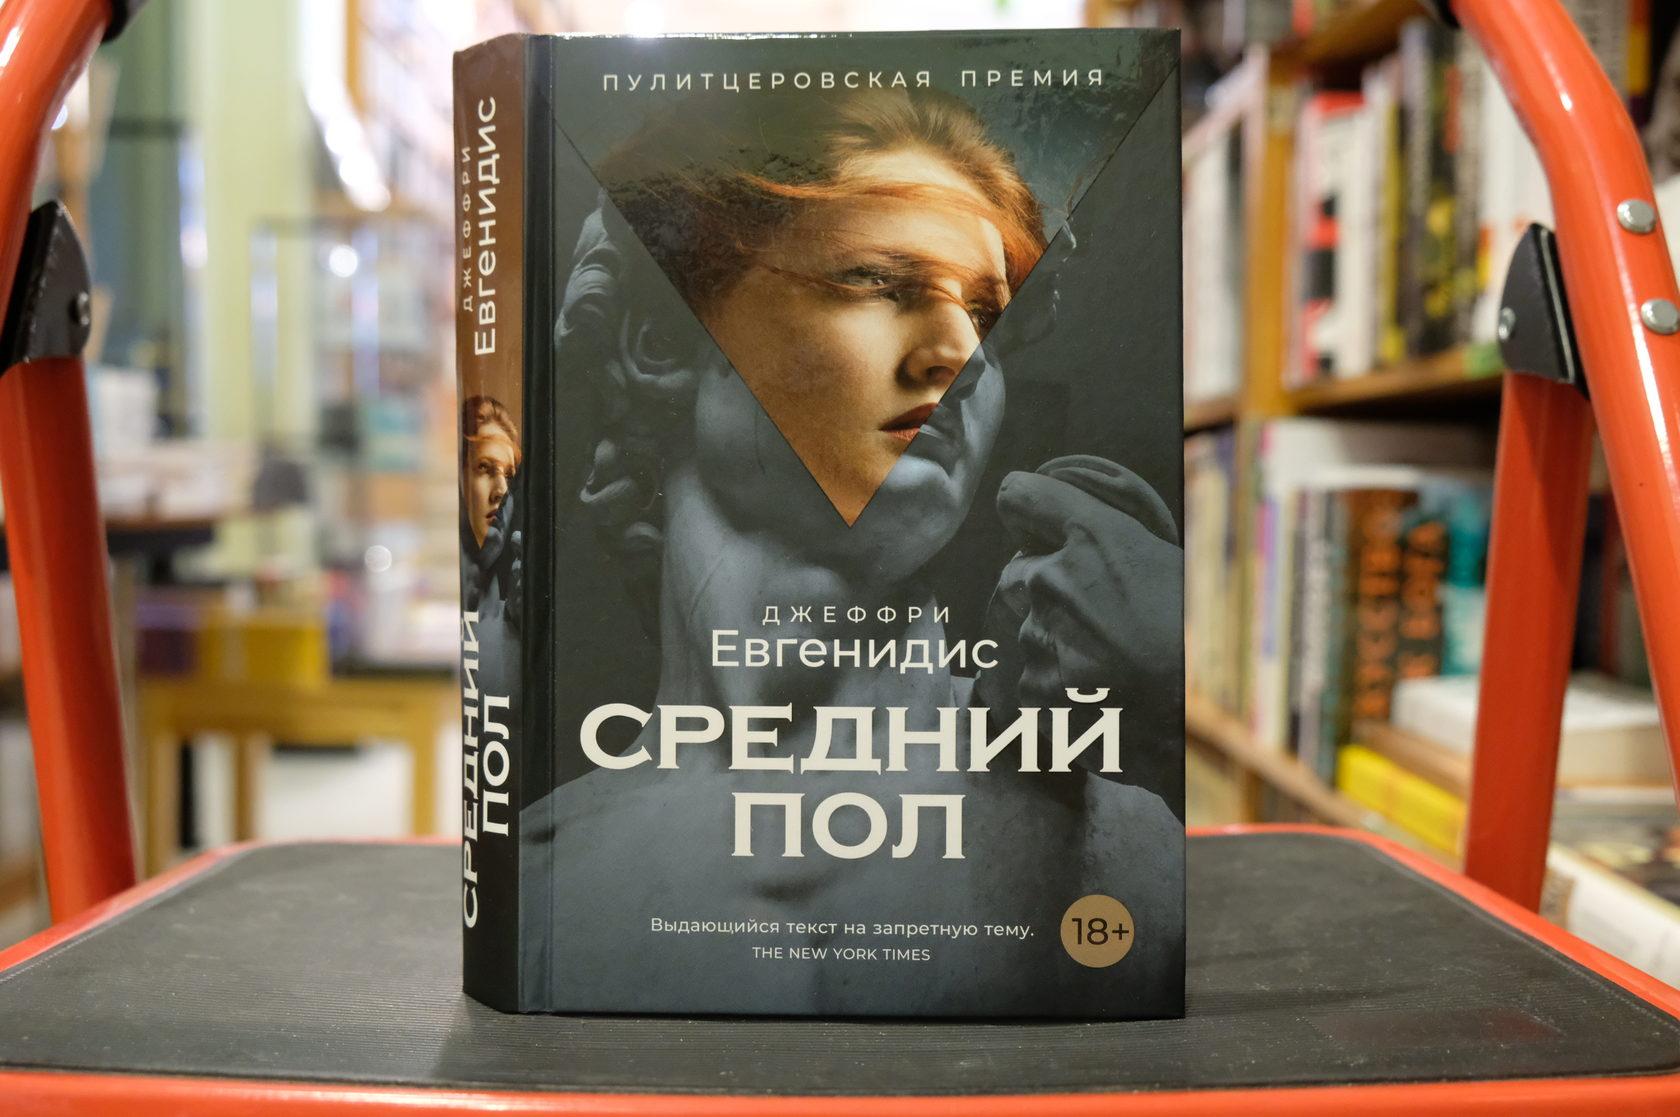 Купить книгу Джеффри Евгенидис «Средний пол» 978-5-386-10845-8 Рипол Классик